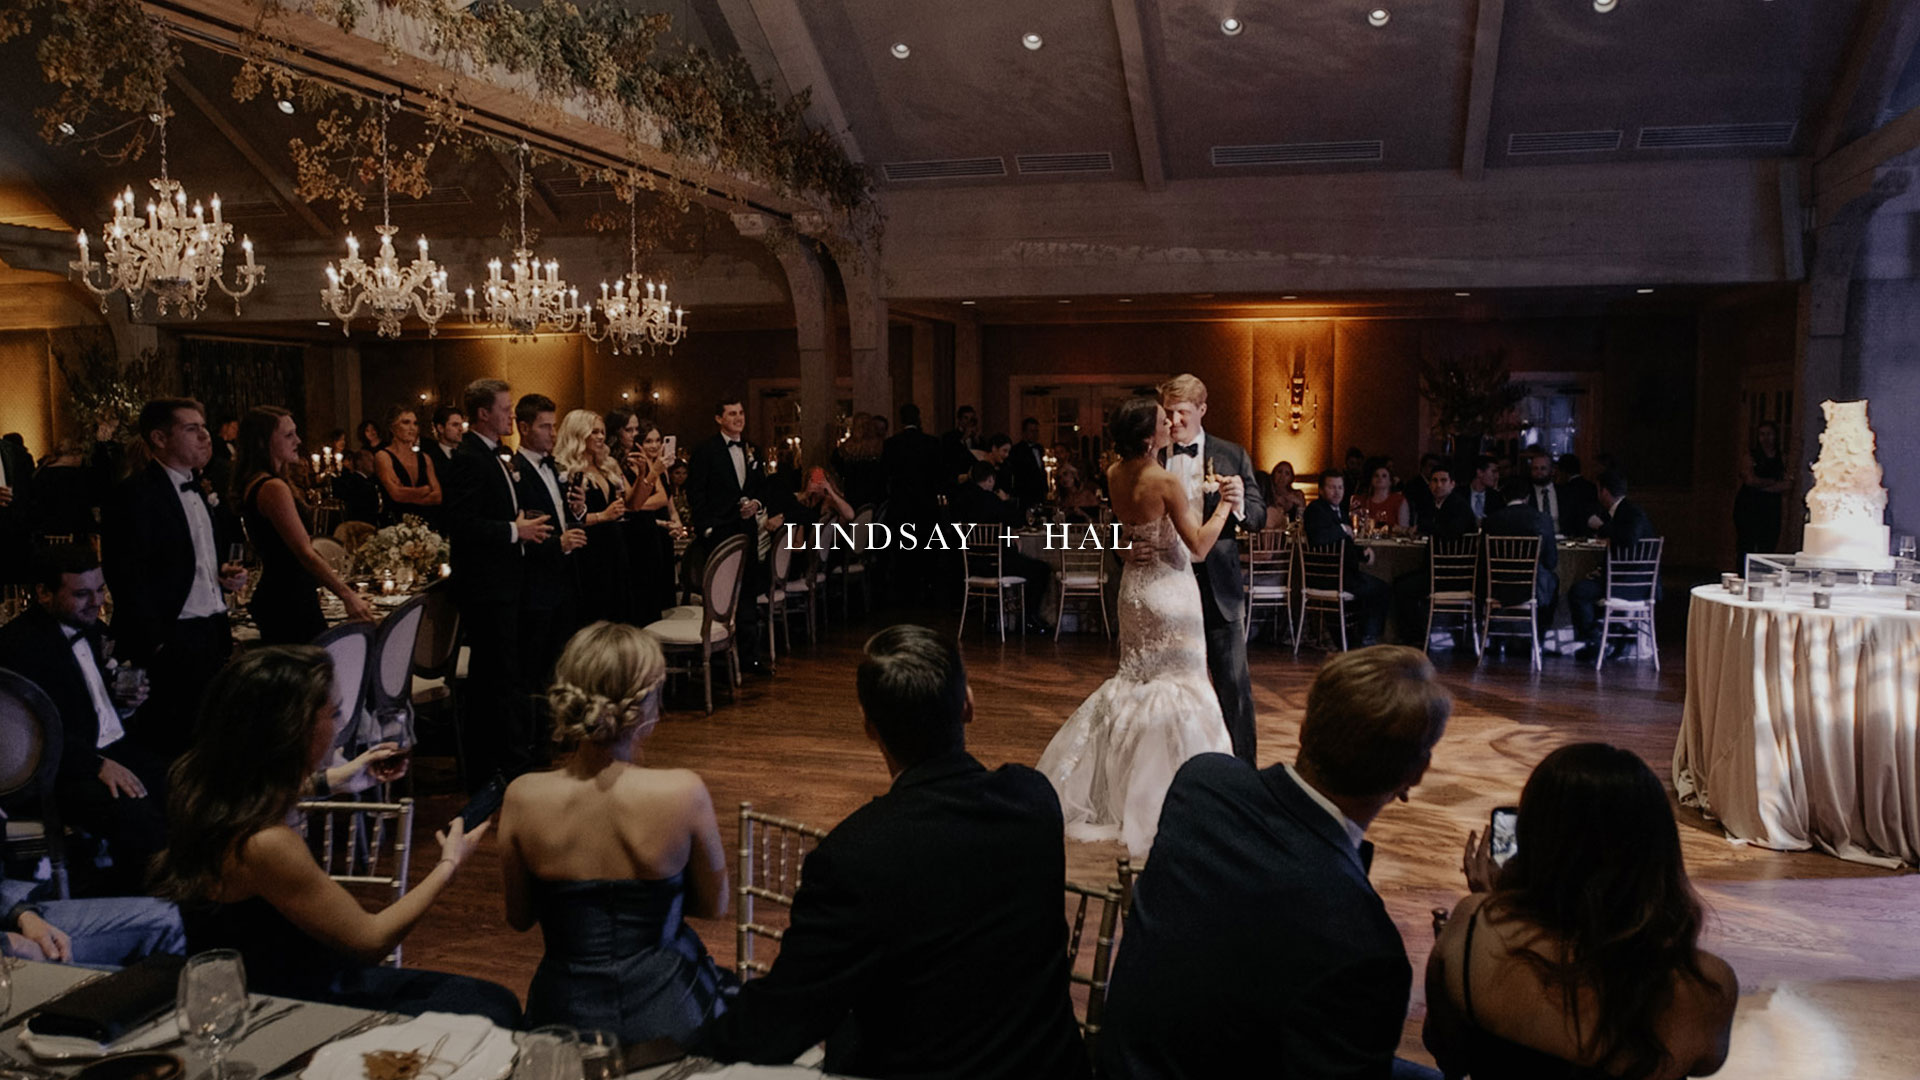 Lindsay + Hal | Tulsa, Oklahoma | Southern Hills Country Club